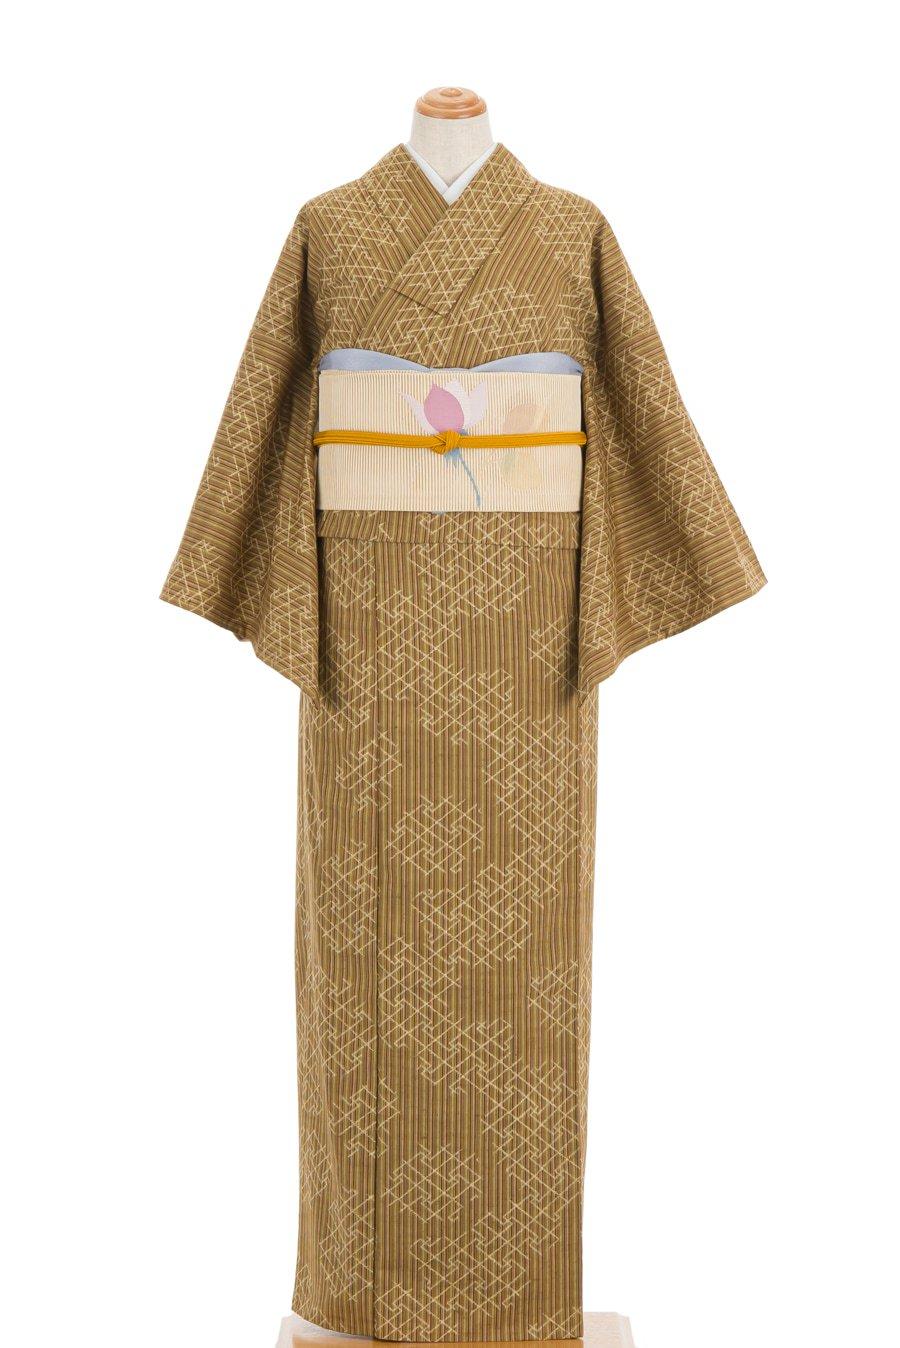 「単衣 紬 細縞に紗綾型」の商品画像